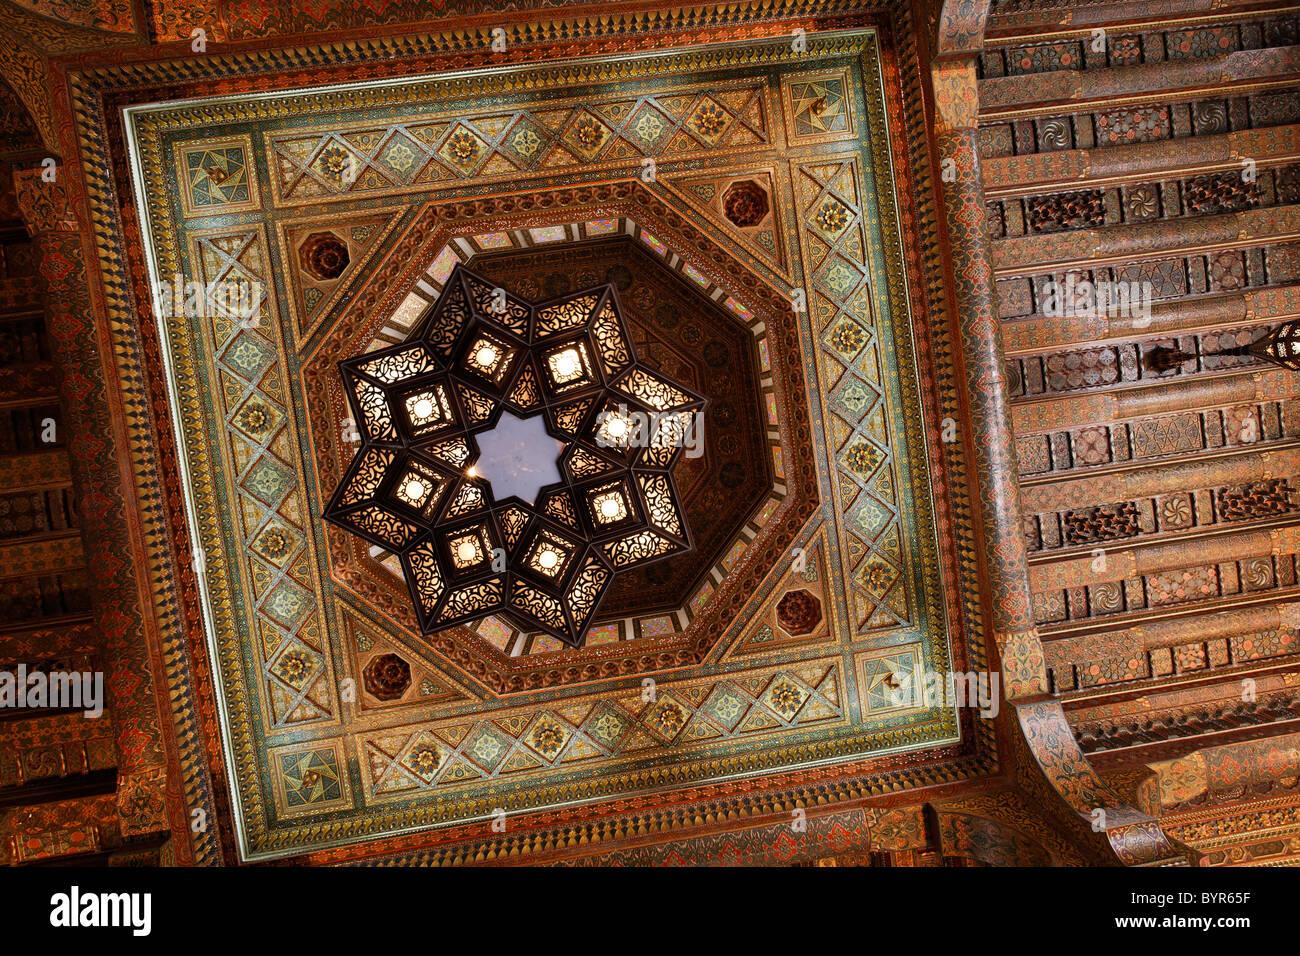 Reich verzierte Decke und Kronleuchter im Inneren das Torhaus der Zitadelle von Aleppo, Syrien Stockbild